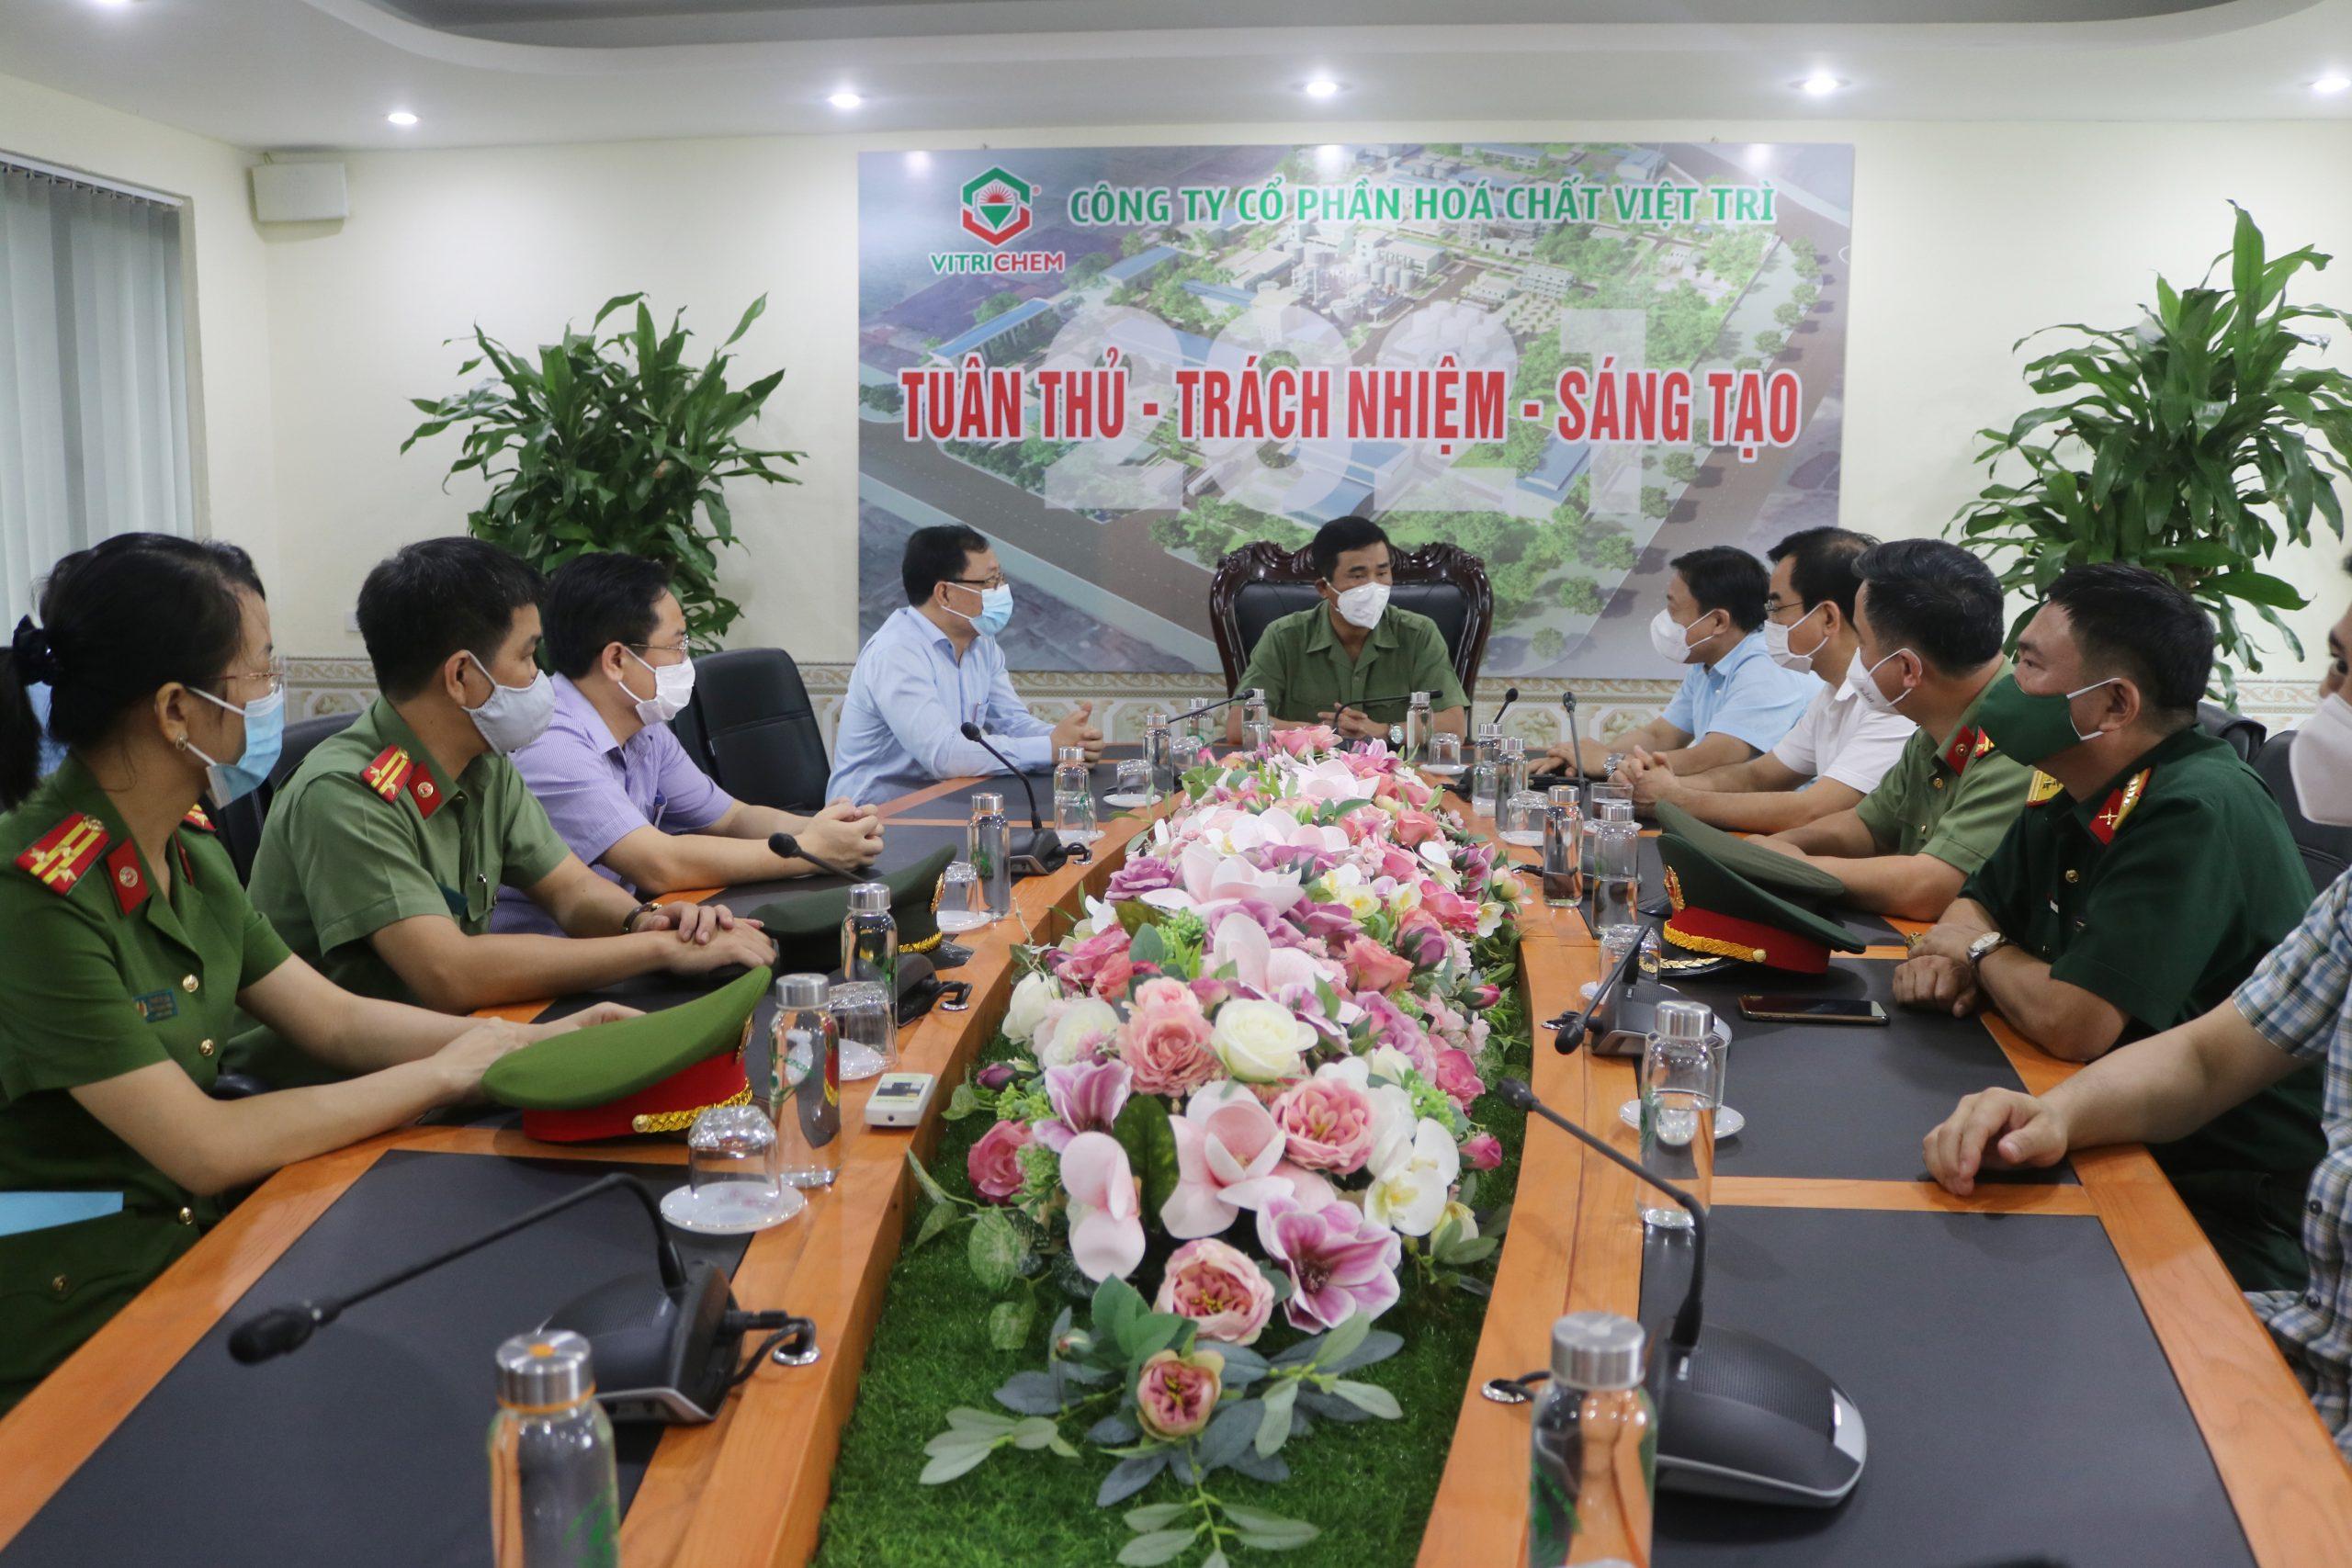 Đồng chí Hồ Đại Dũng, Ủy viên BTV Tỉnh ủy, Phó Chủ tịch UBND tỉnh Phú Thọ tới thăm và làm việc tại Công ty